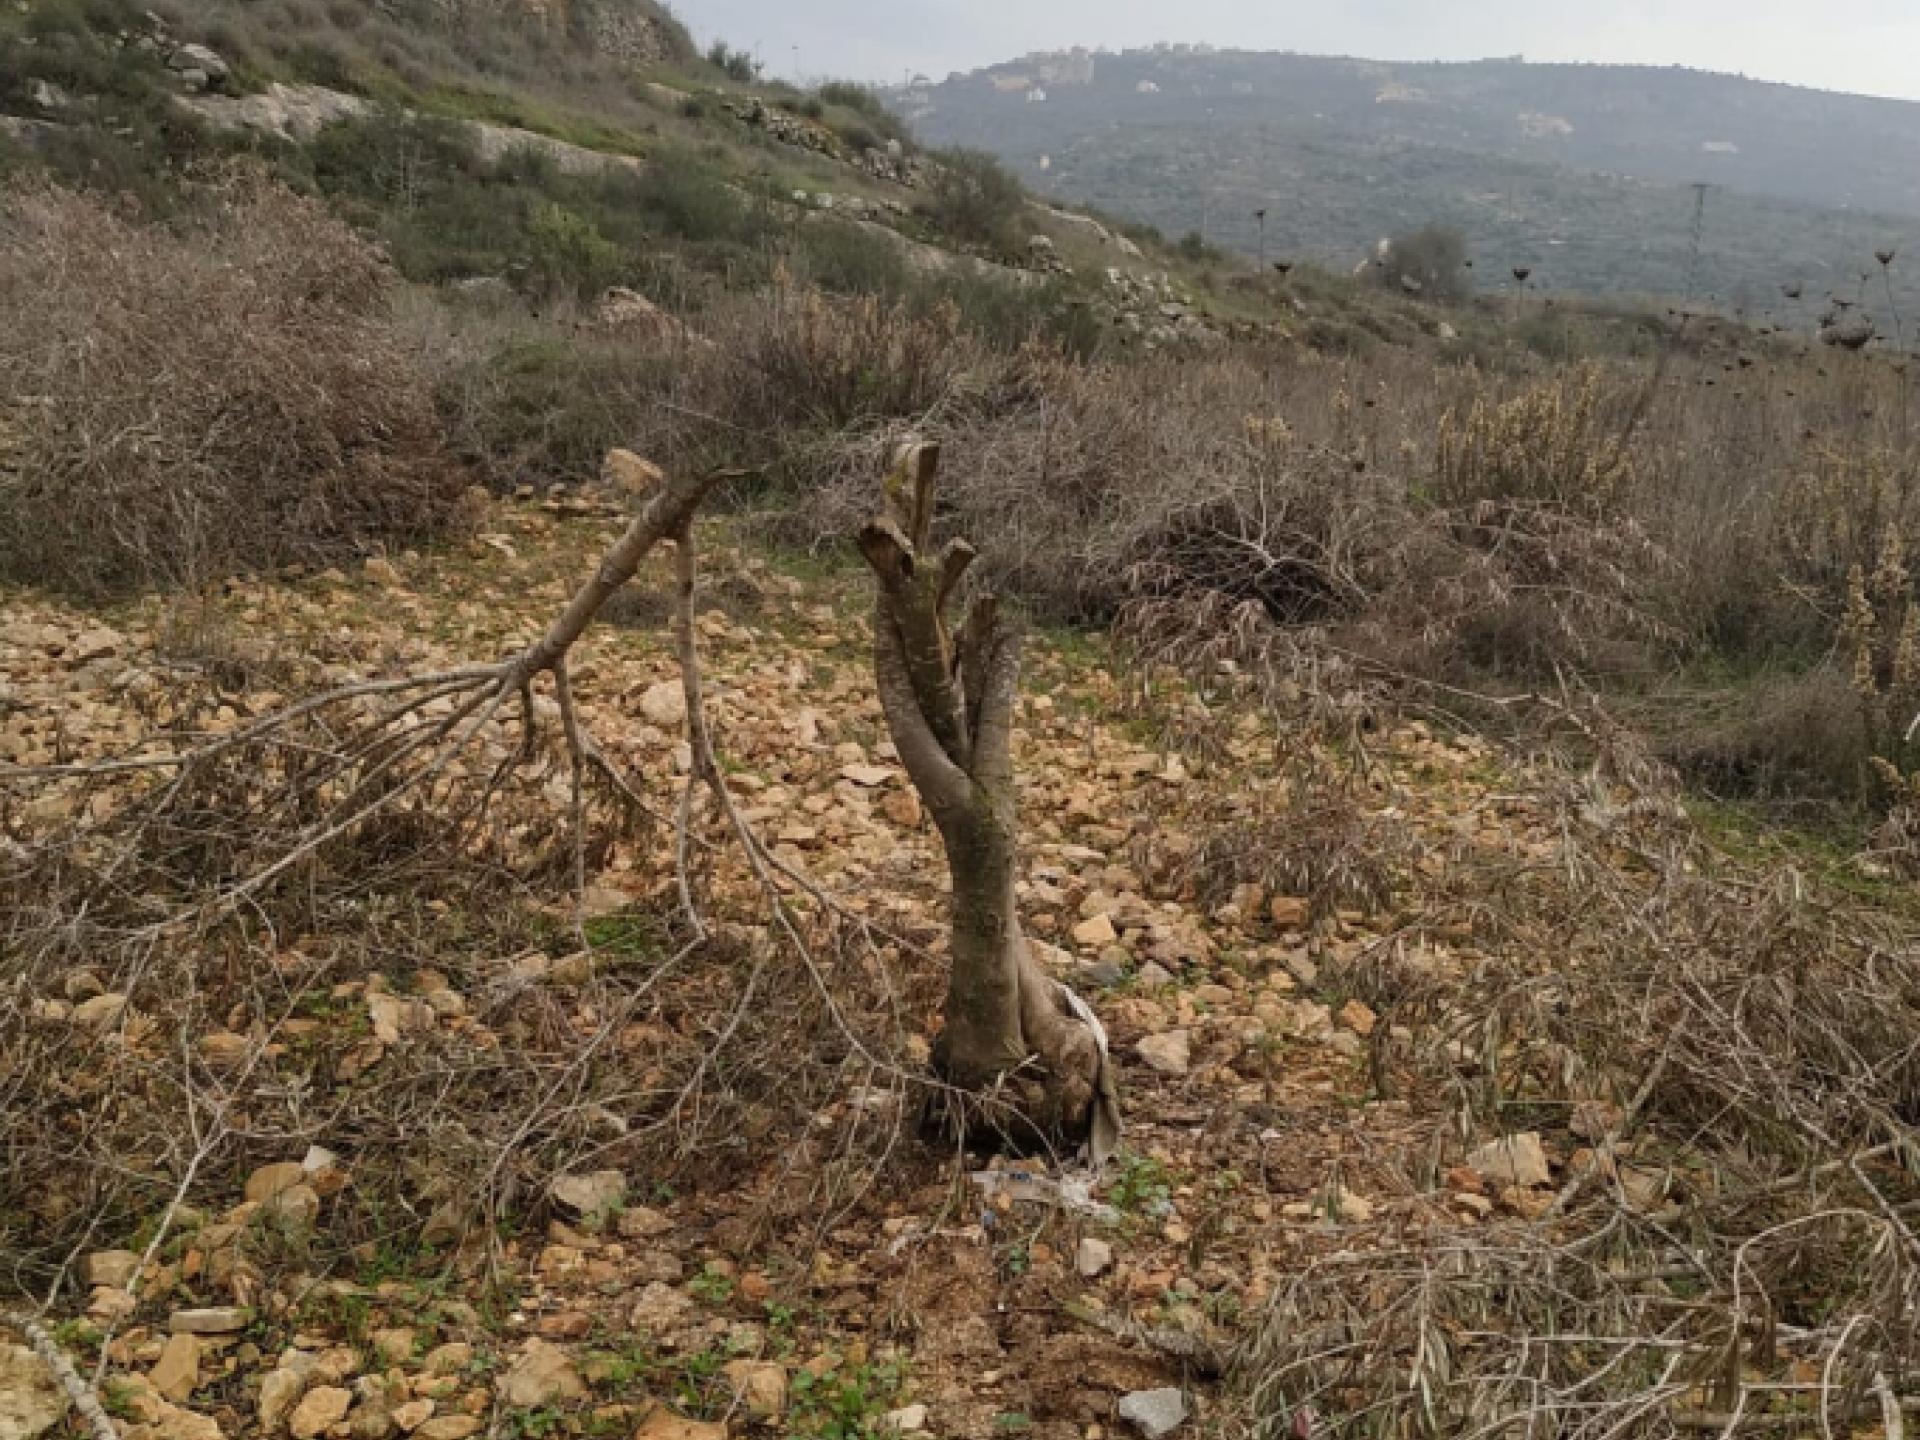 38 עצי זית נכרתו בלילה בכפר יאסוף, בחלקה שקרובה להתנחלות רחלים. בצילומים אפשר לראות באיזו נחישות וואכזריות נעשה מעשה הנבלה הזה